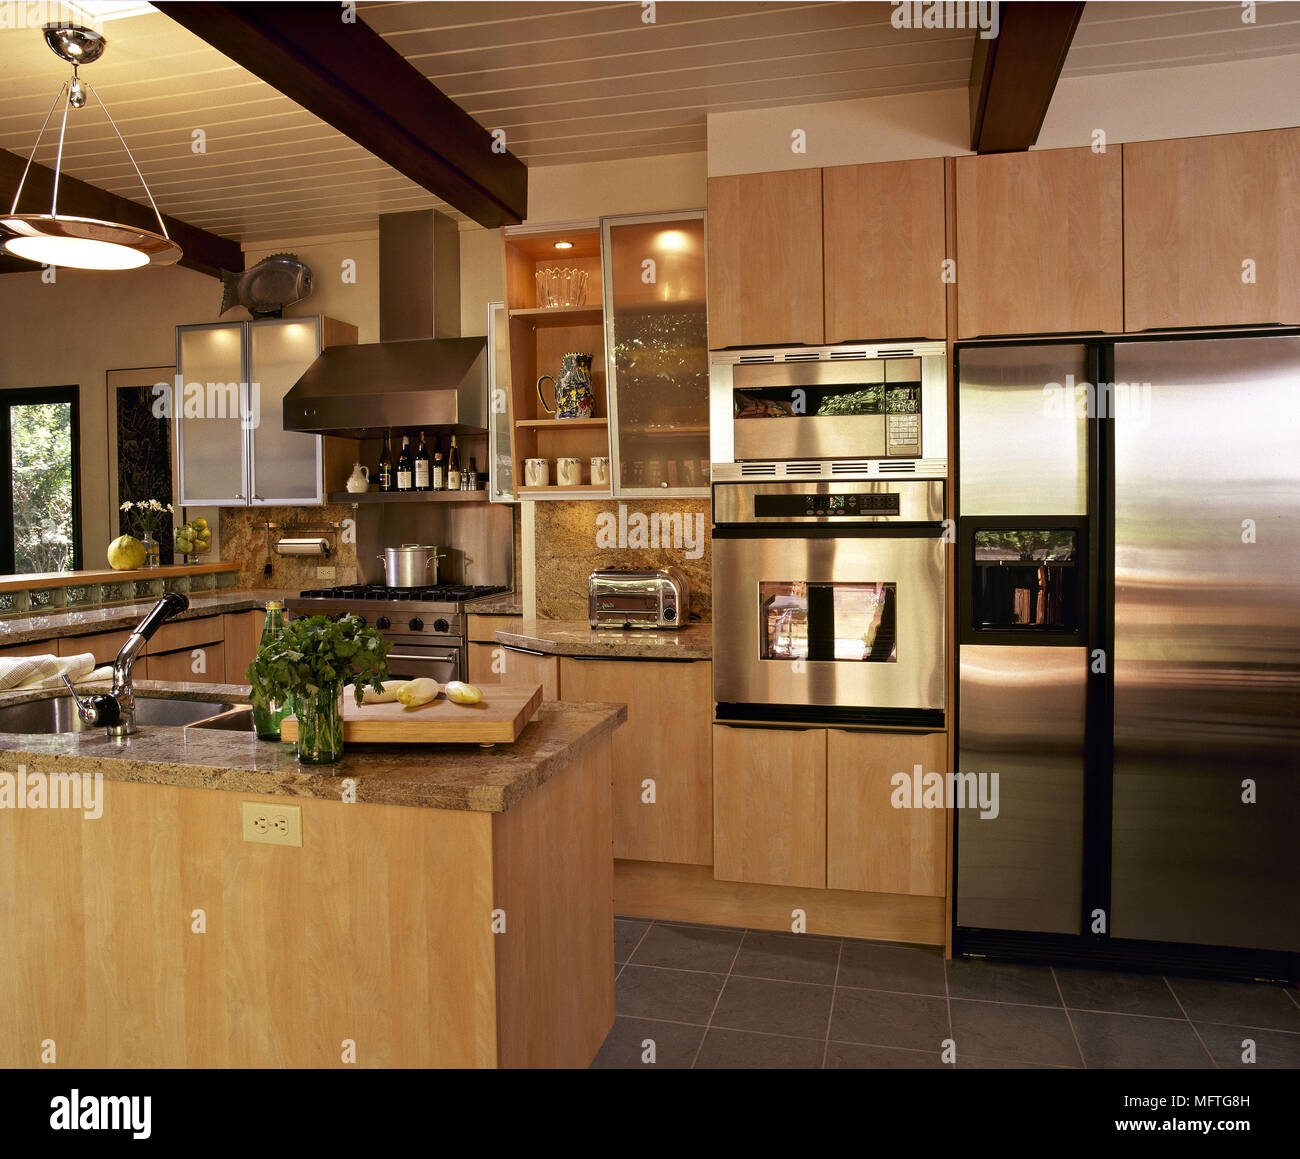 Moderne Küche Holz decke Holz Einheiten Granit Arbeitsplatten ...